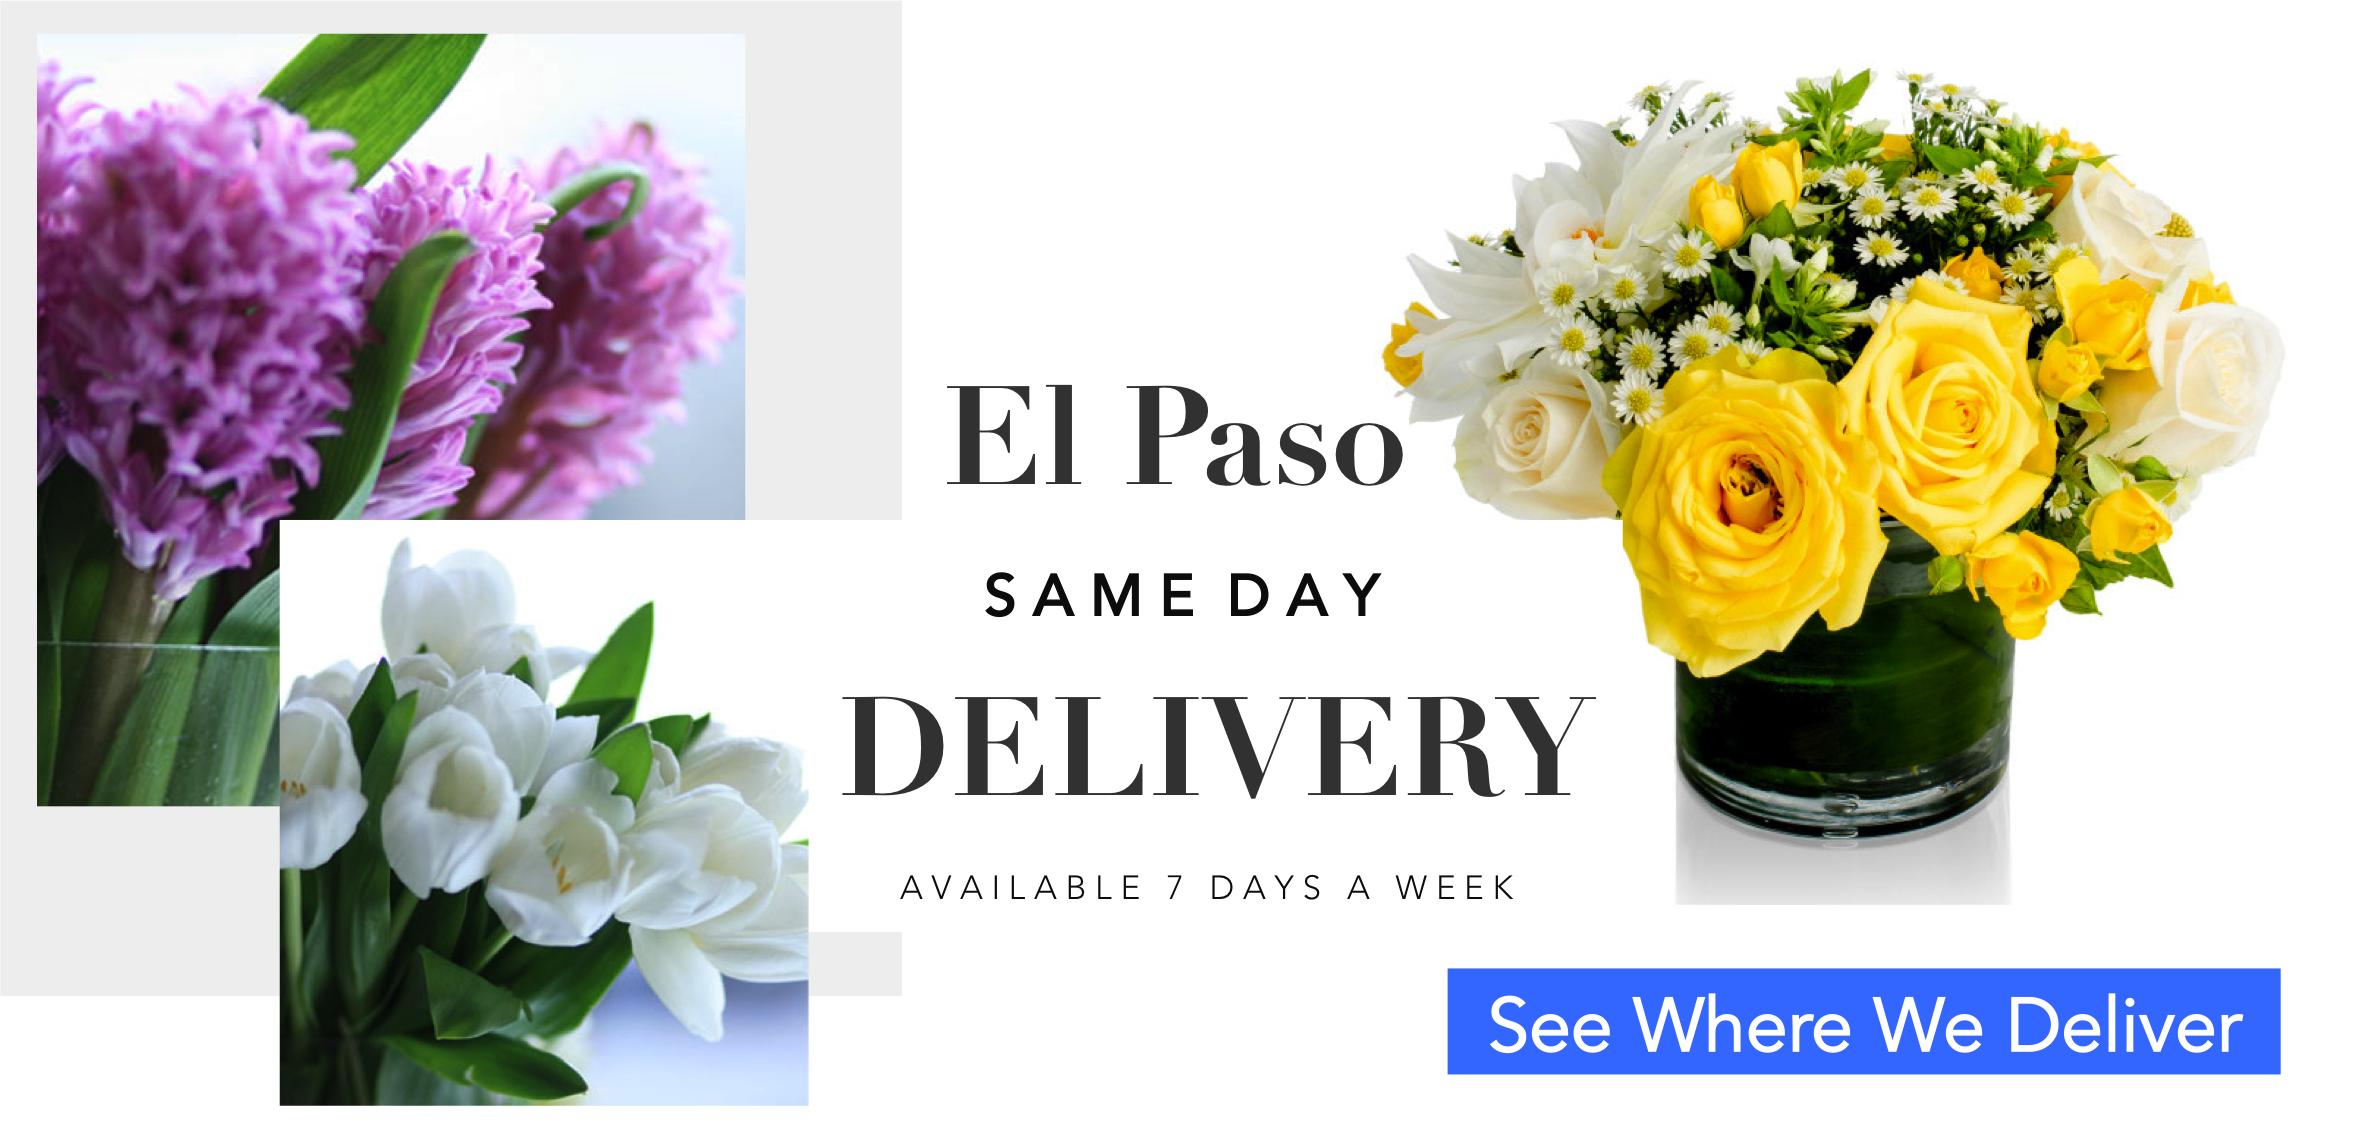 01-angies-1-angies-floral-designs-el-paso-delivery-flower-plants-el-paso-florist-flowershop-91579912-el-paso-florist-79912.jpg.png